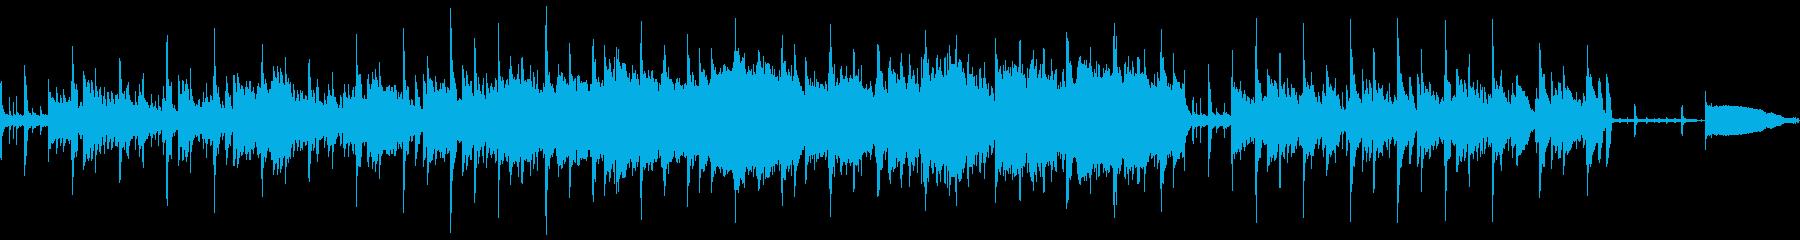 けだるいムードのジャズラウンジ風BGMの再生済みの波形